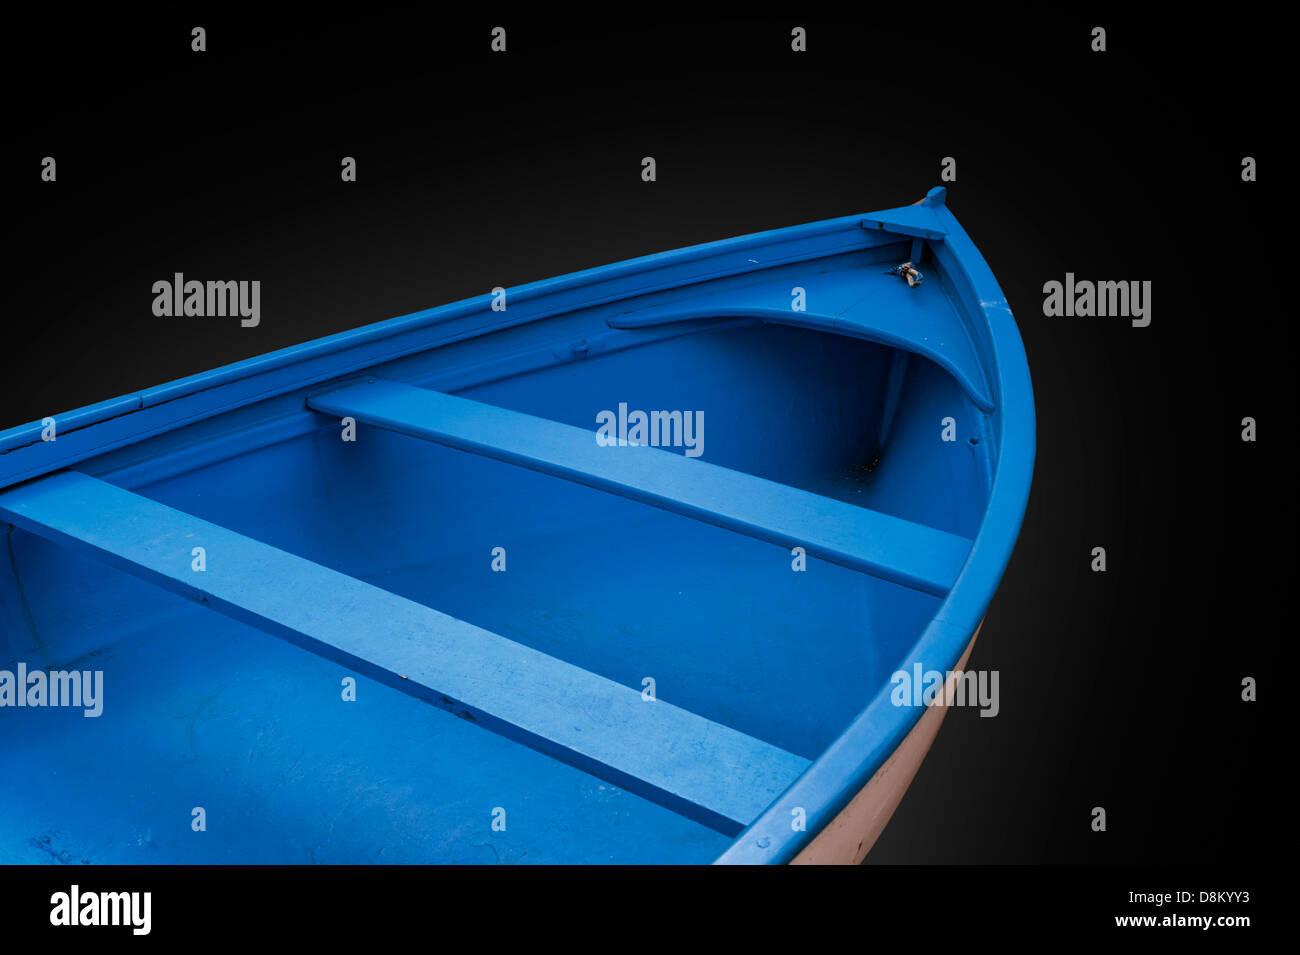 Eine redaktionelle Bild eines blauen Schlauchboot-Bogens auf einem schwarzen Hintergrund. Stockbild